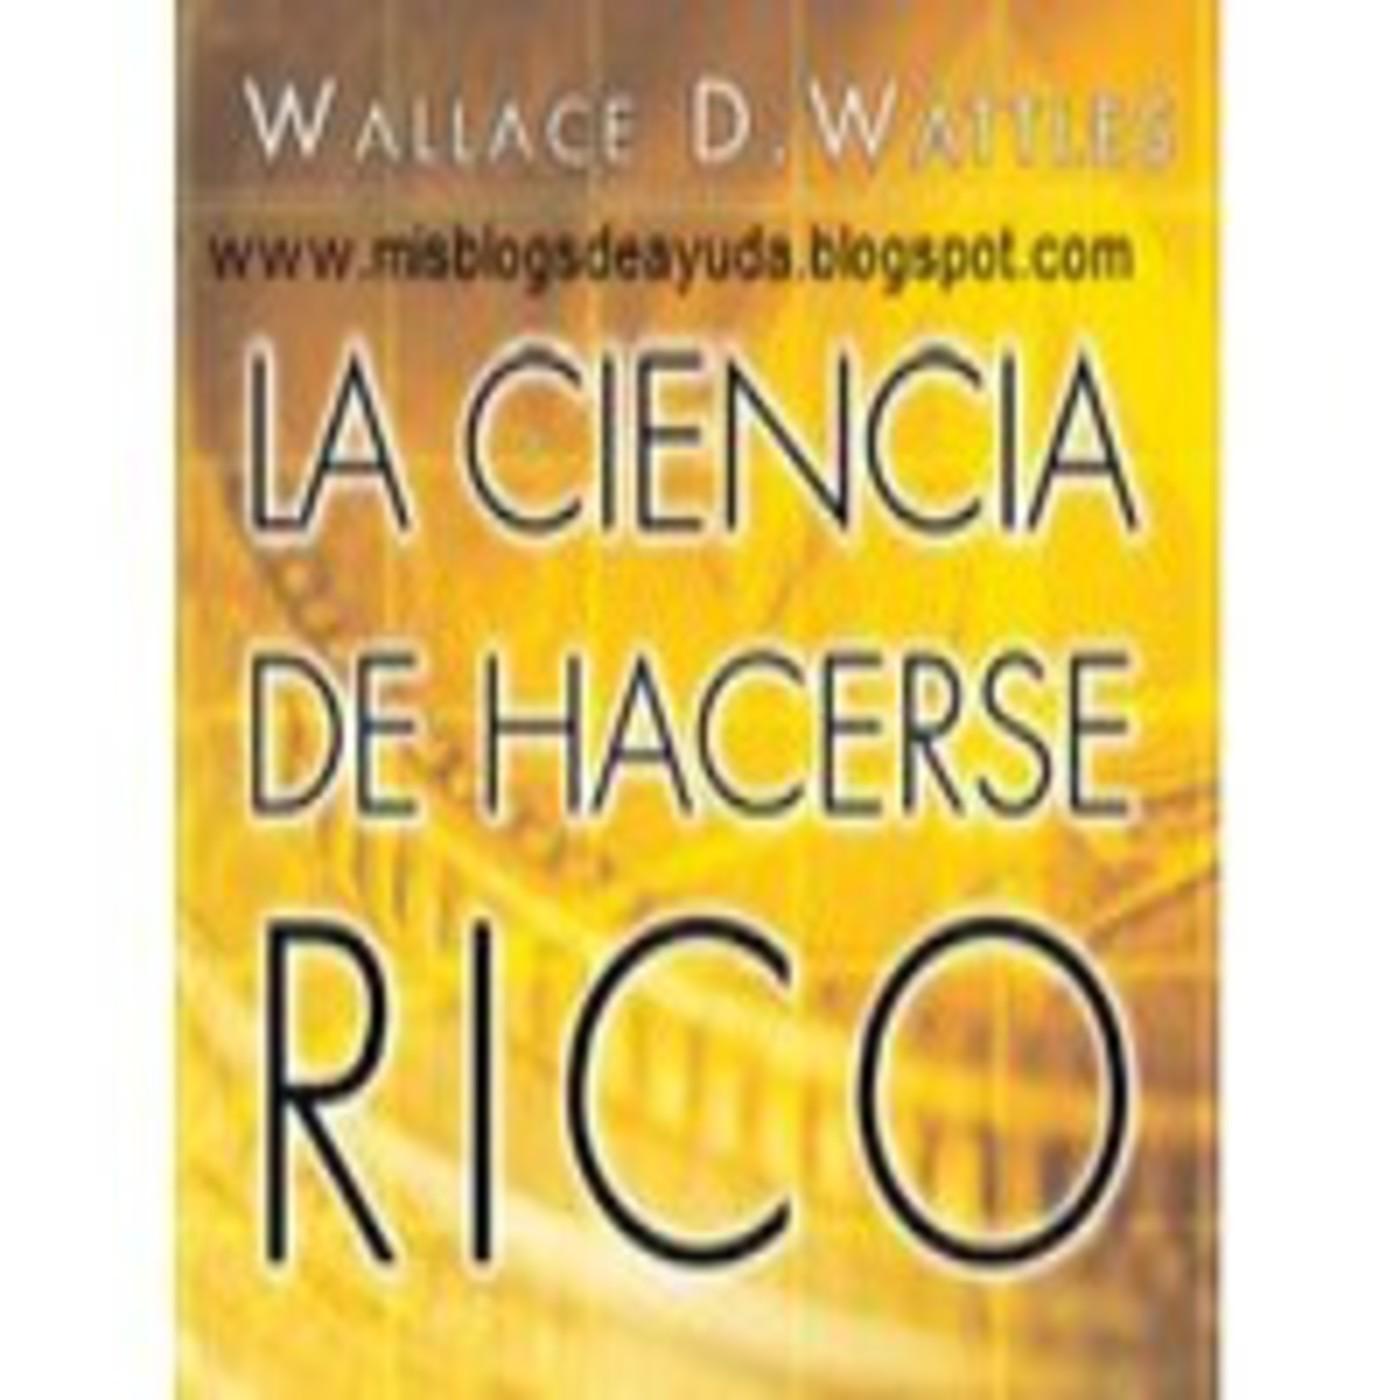 La ciencia de hacerse rico - wallace d. wattles - audiolibro completo -  gratis en Podcast AUDIOLIBROS GRATIS ONLINE en mp3(05/05 a las 06:13:00)  02:42:58 ...